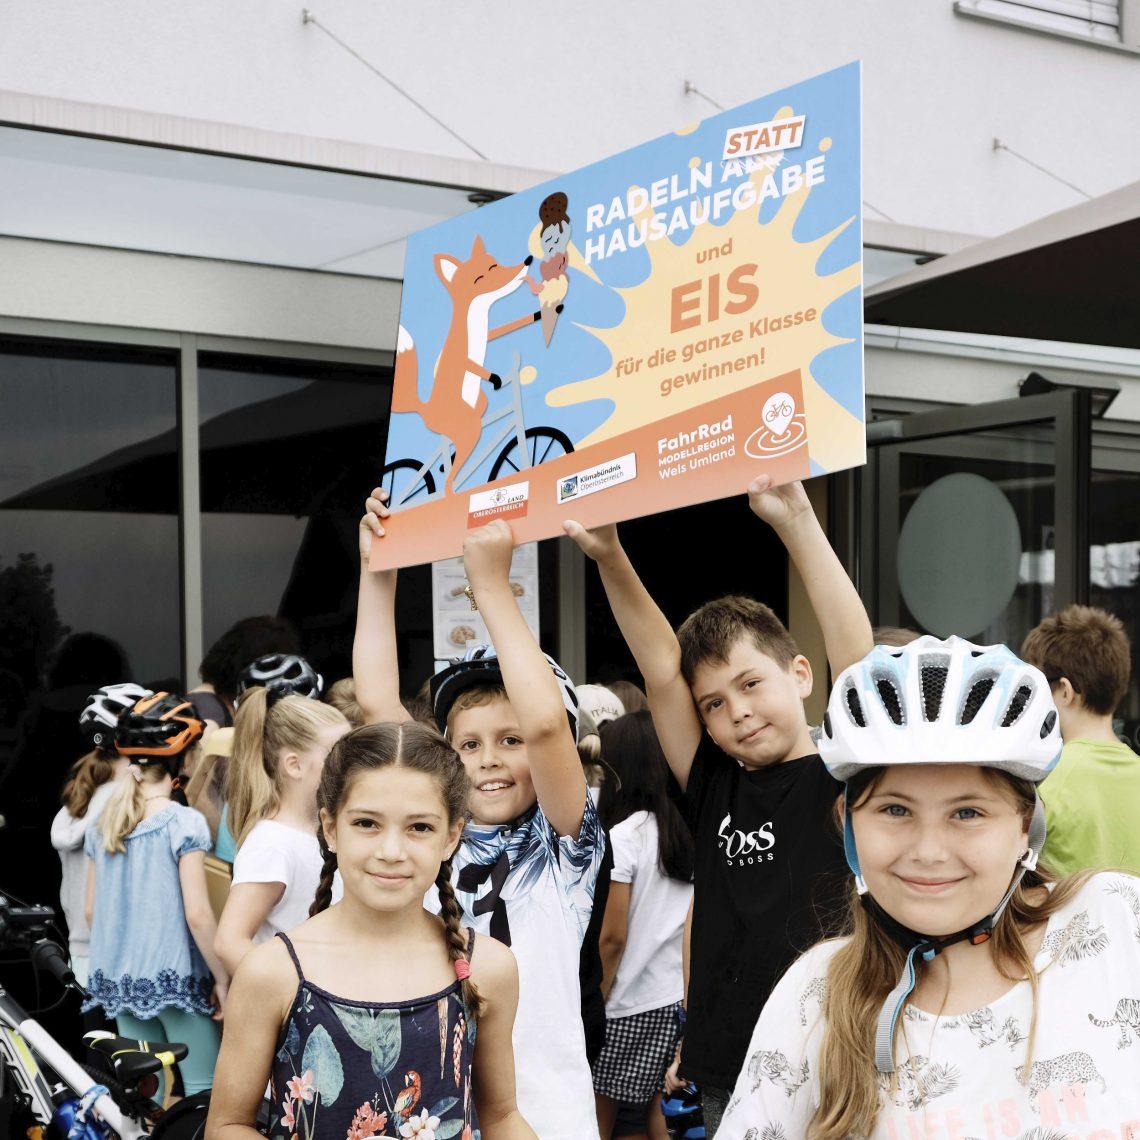 Kinder mit Fahrrädern